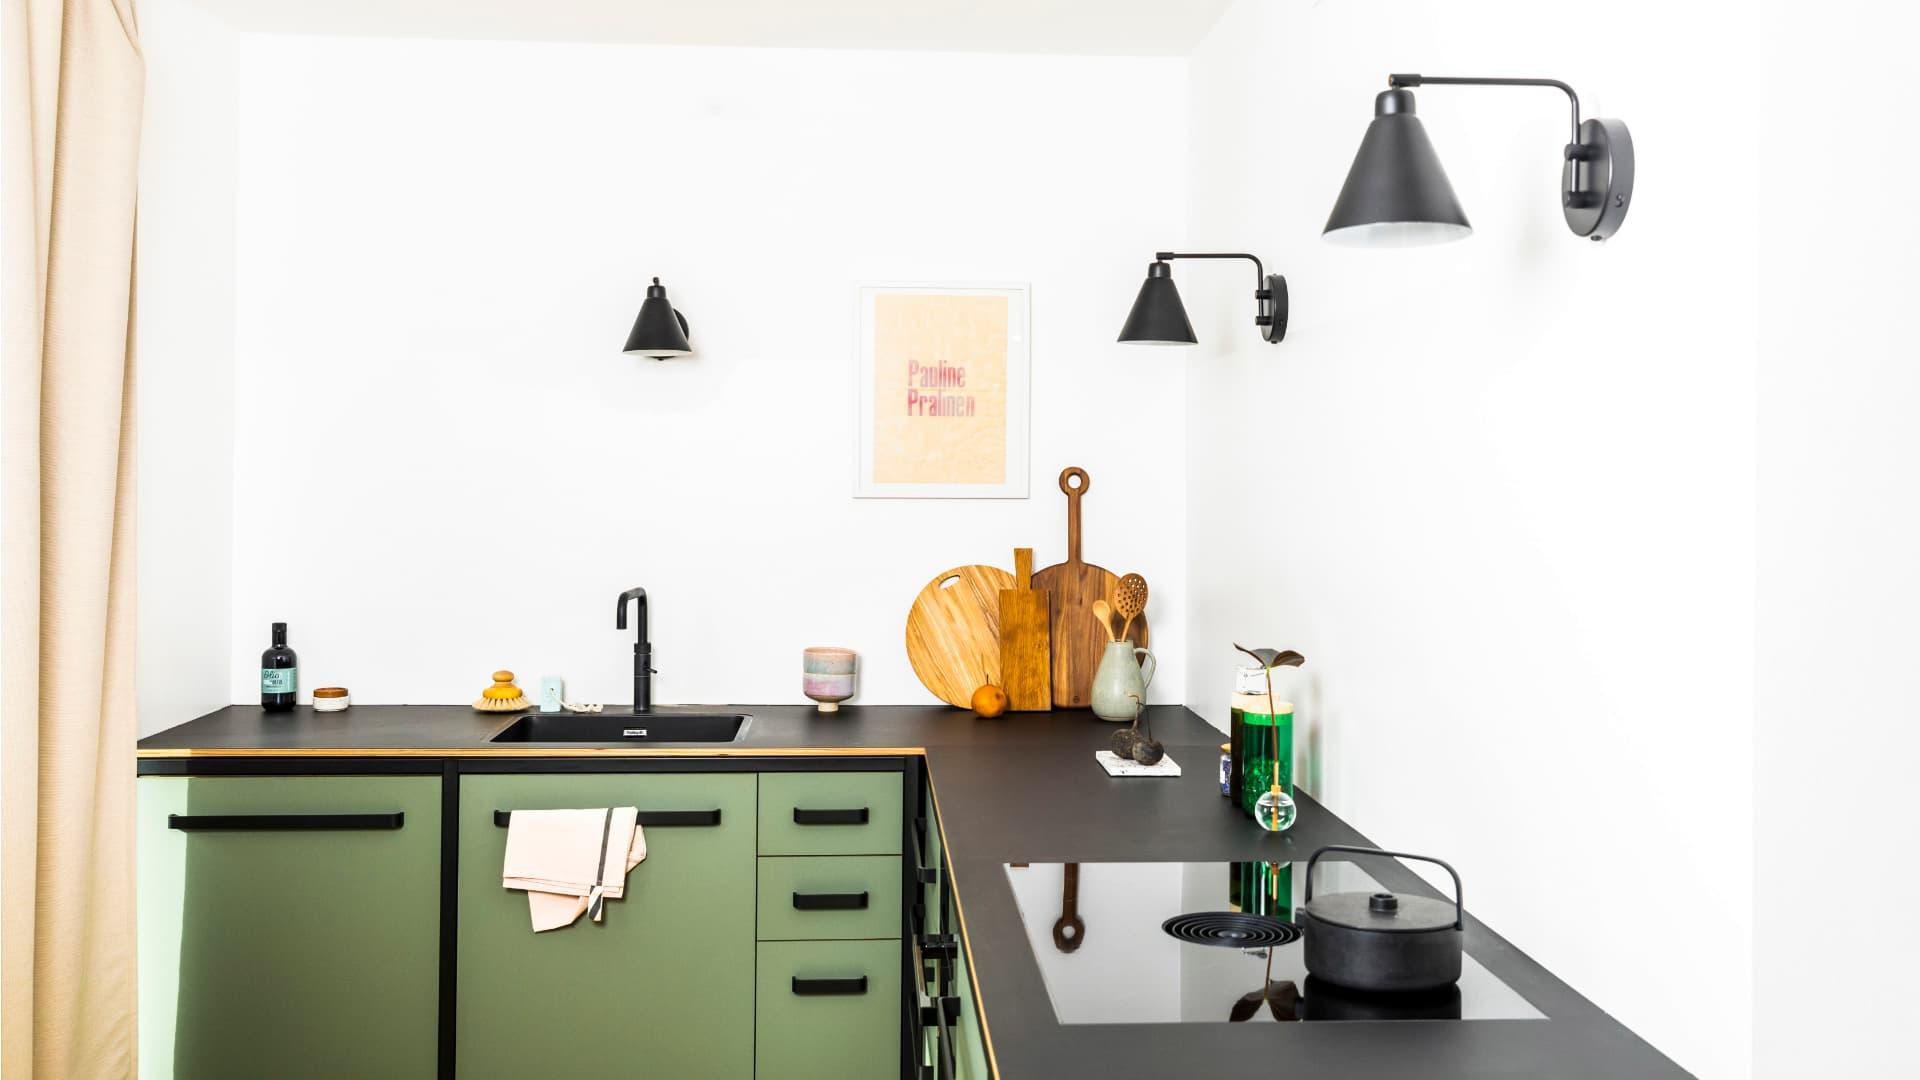 Modulküche-komplett-von-keep-in-olivegrün-mit-schwarzem-Stahlrahmen-und-Arbeitsfläche